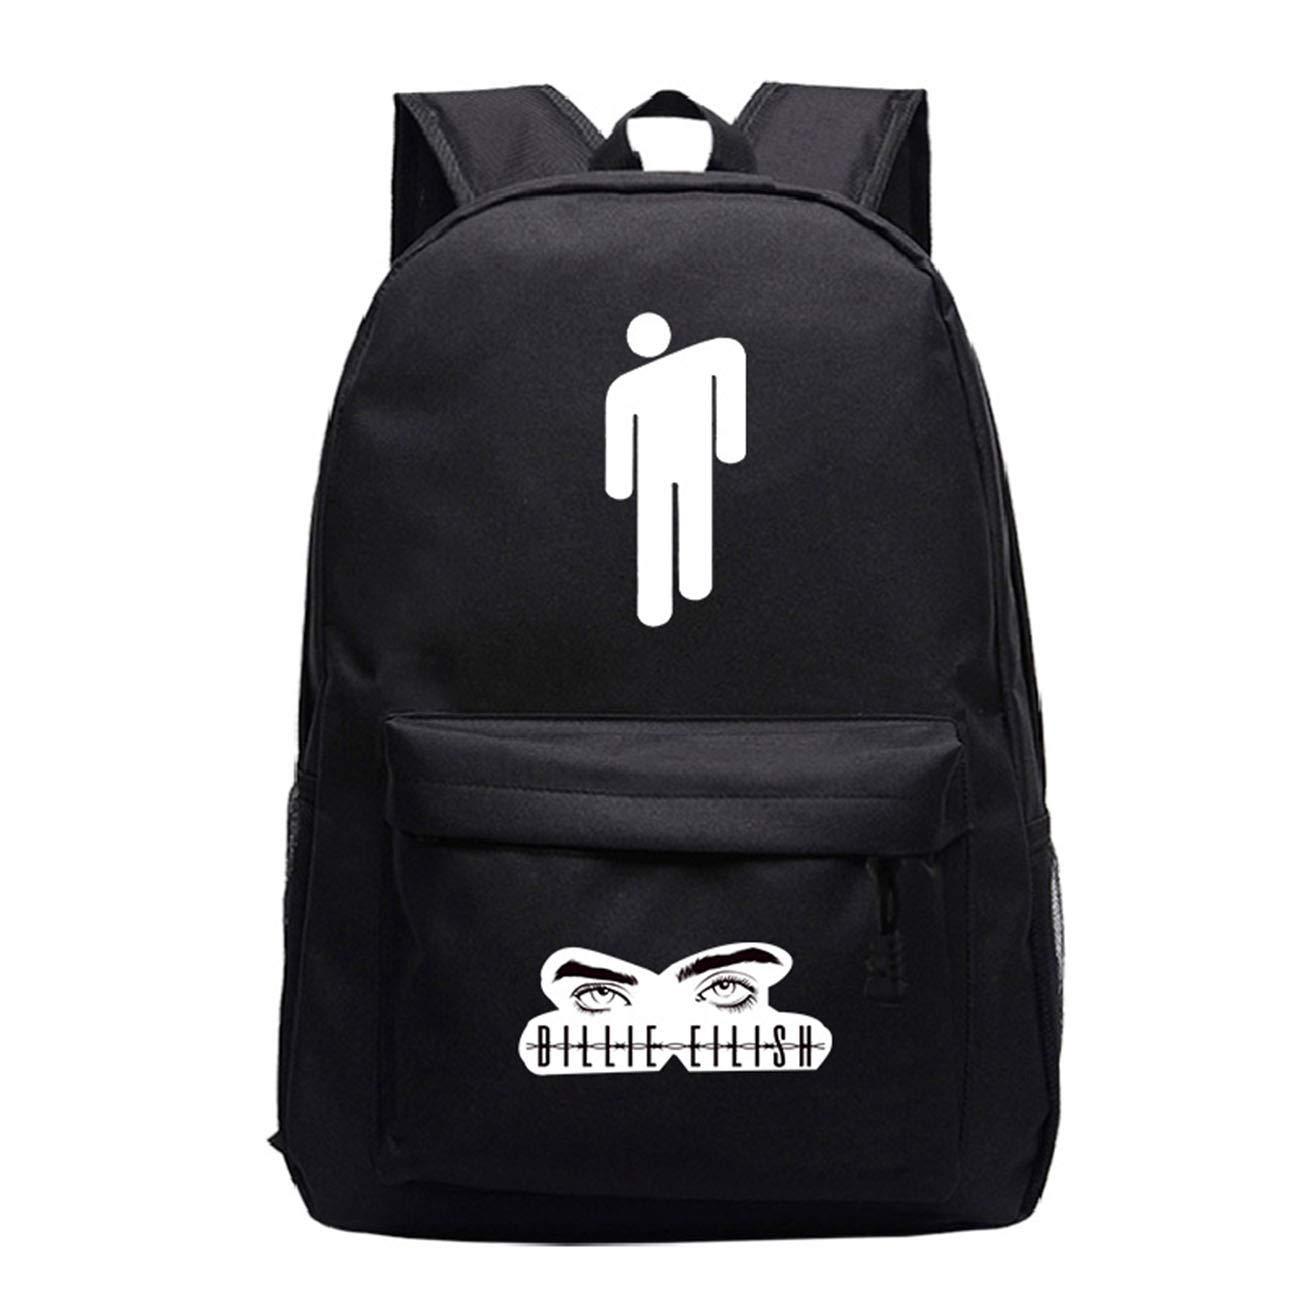 LI JI Billie Eilish With The Starry Sky Lightning Shoulder Bag Korean Version Of The Middle School Student Backpack Computer Bag Leisure Bag